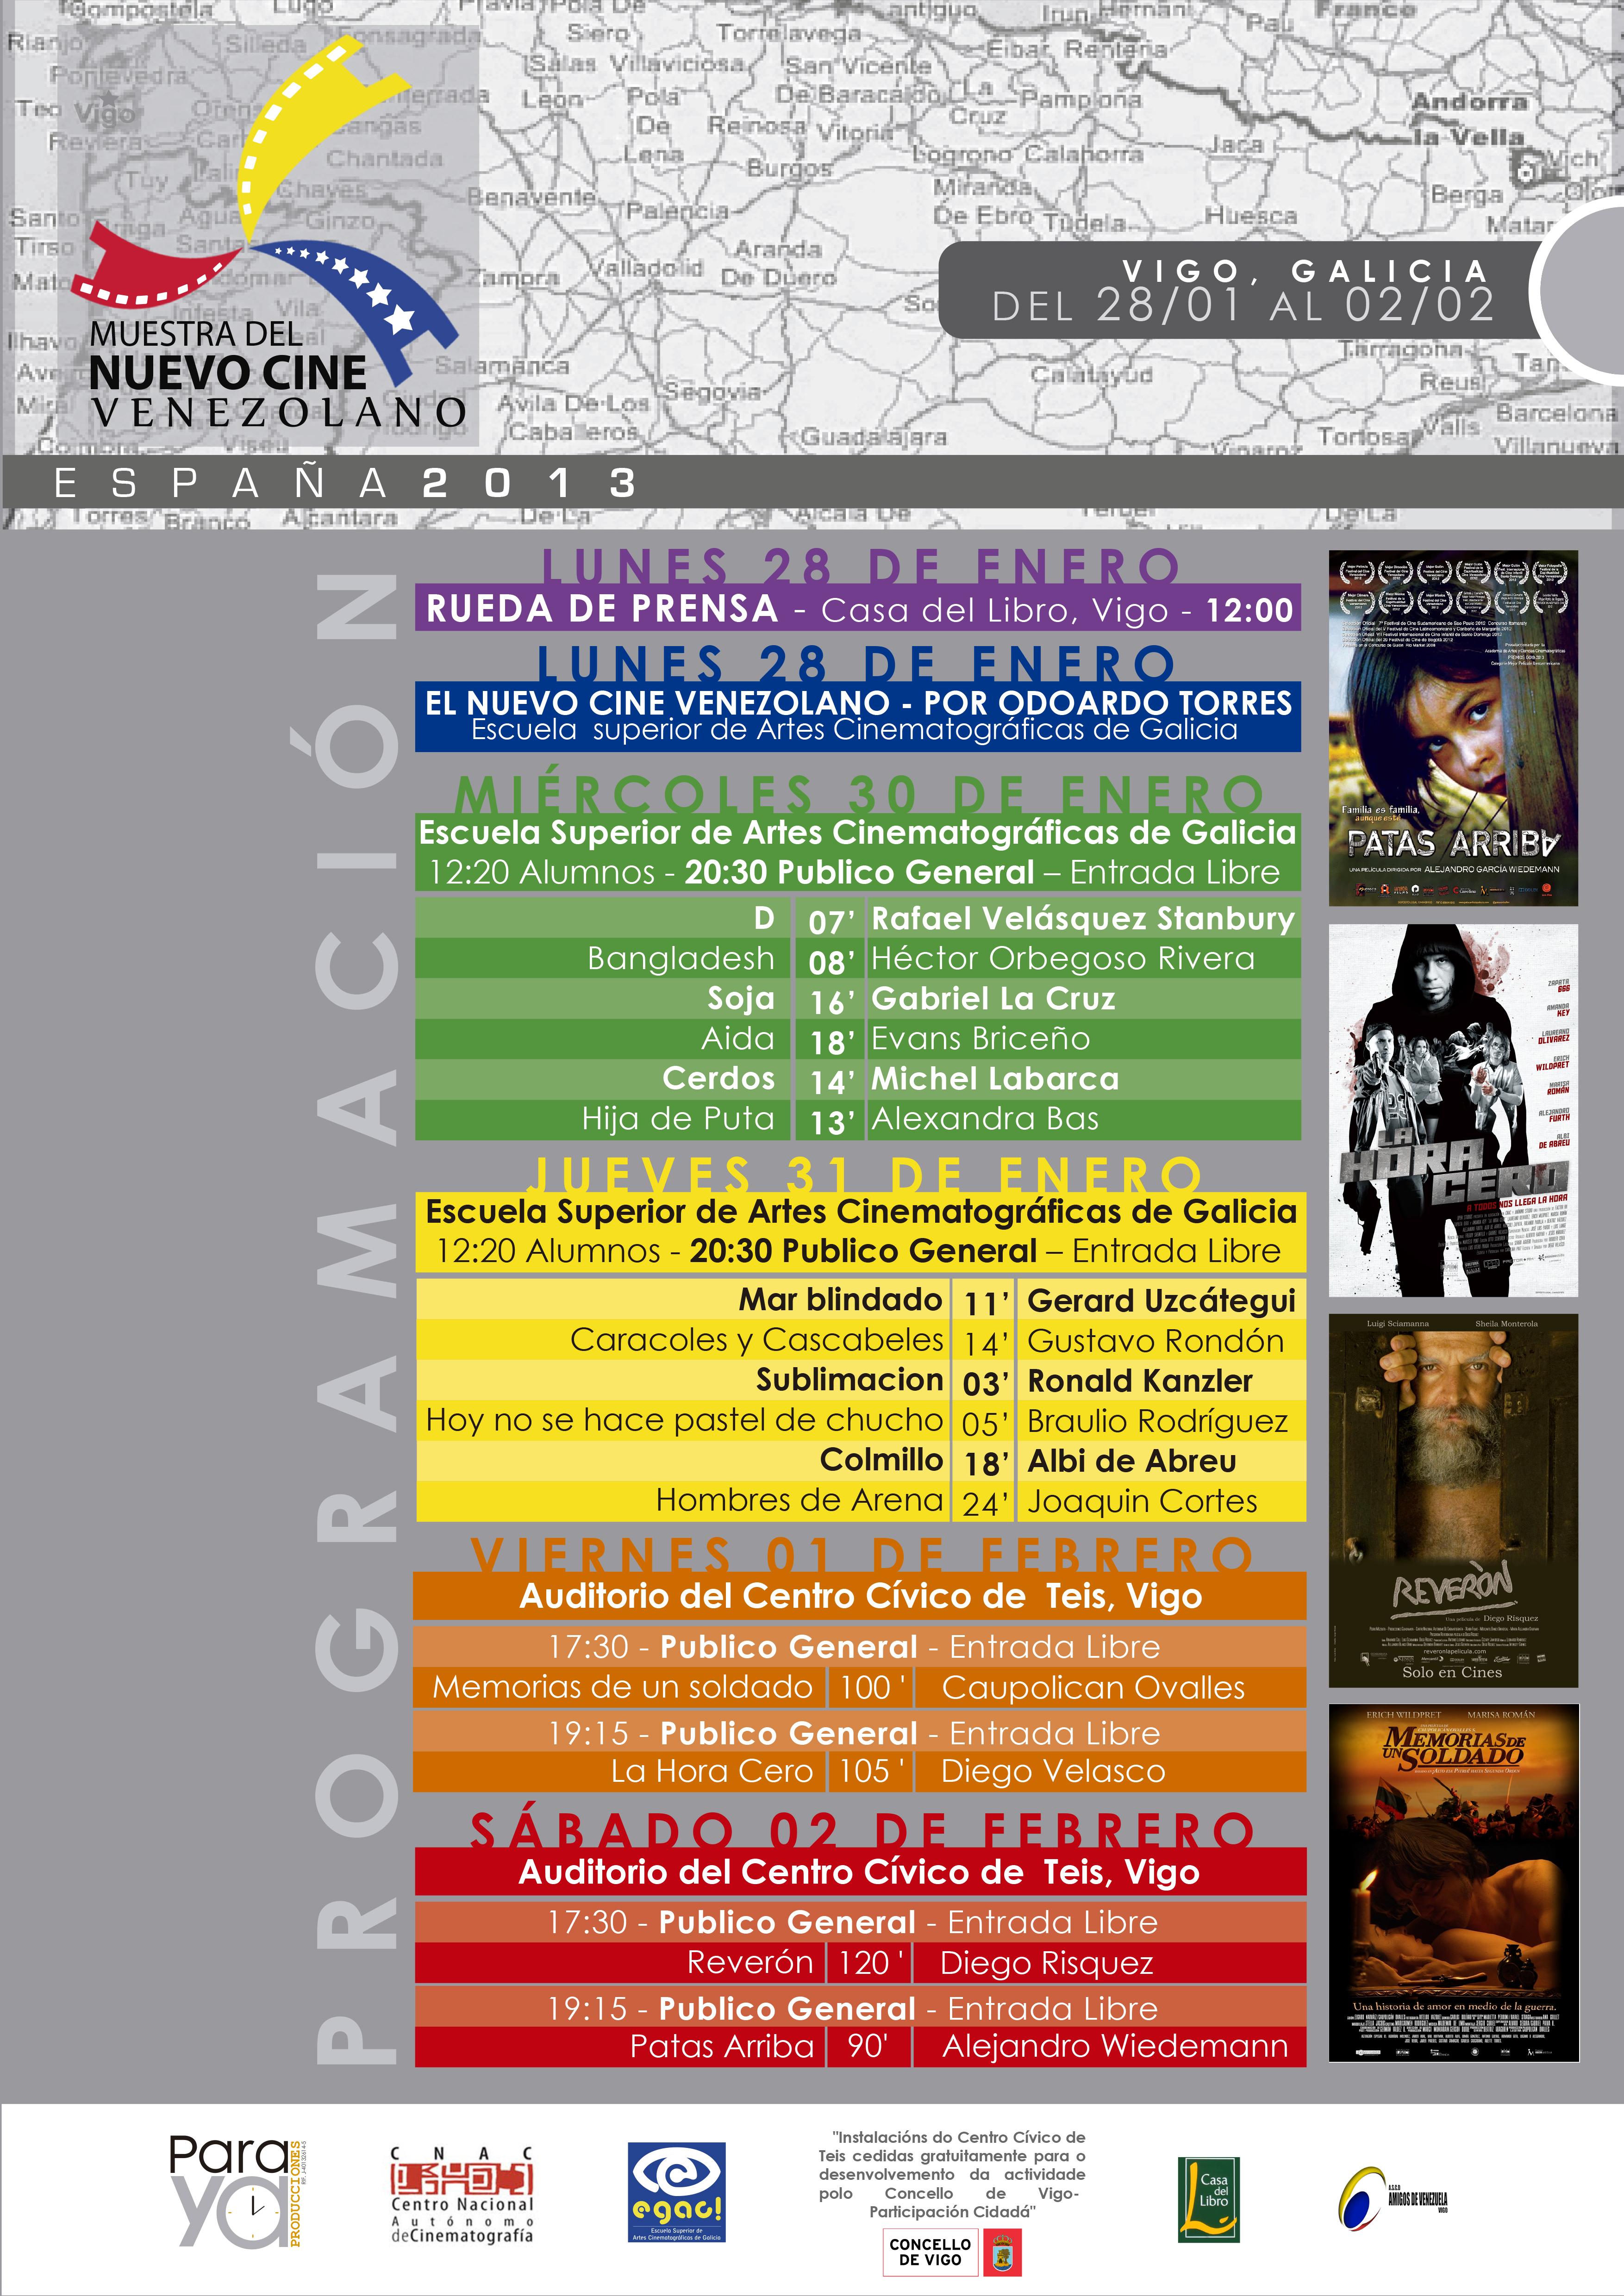 Mostra de Cine Venezolano